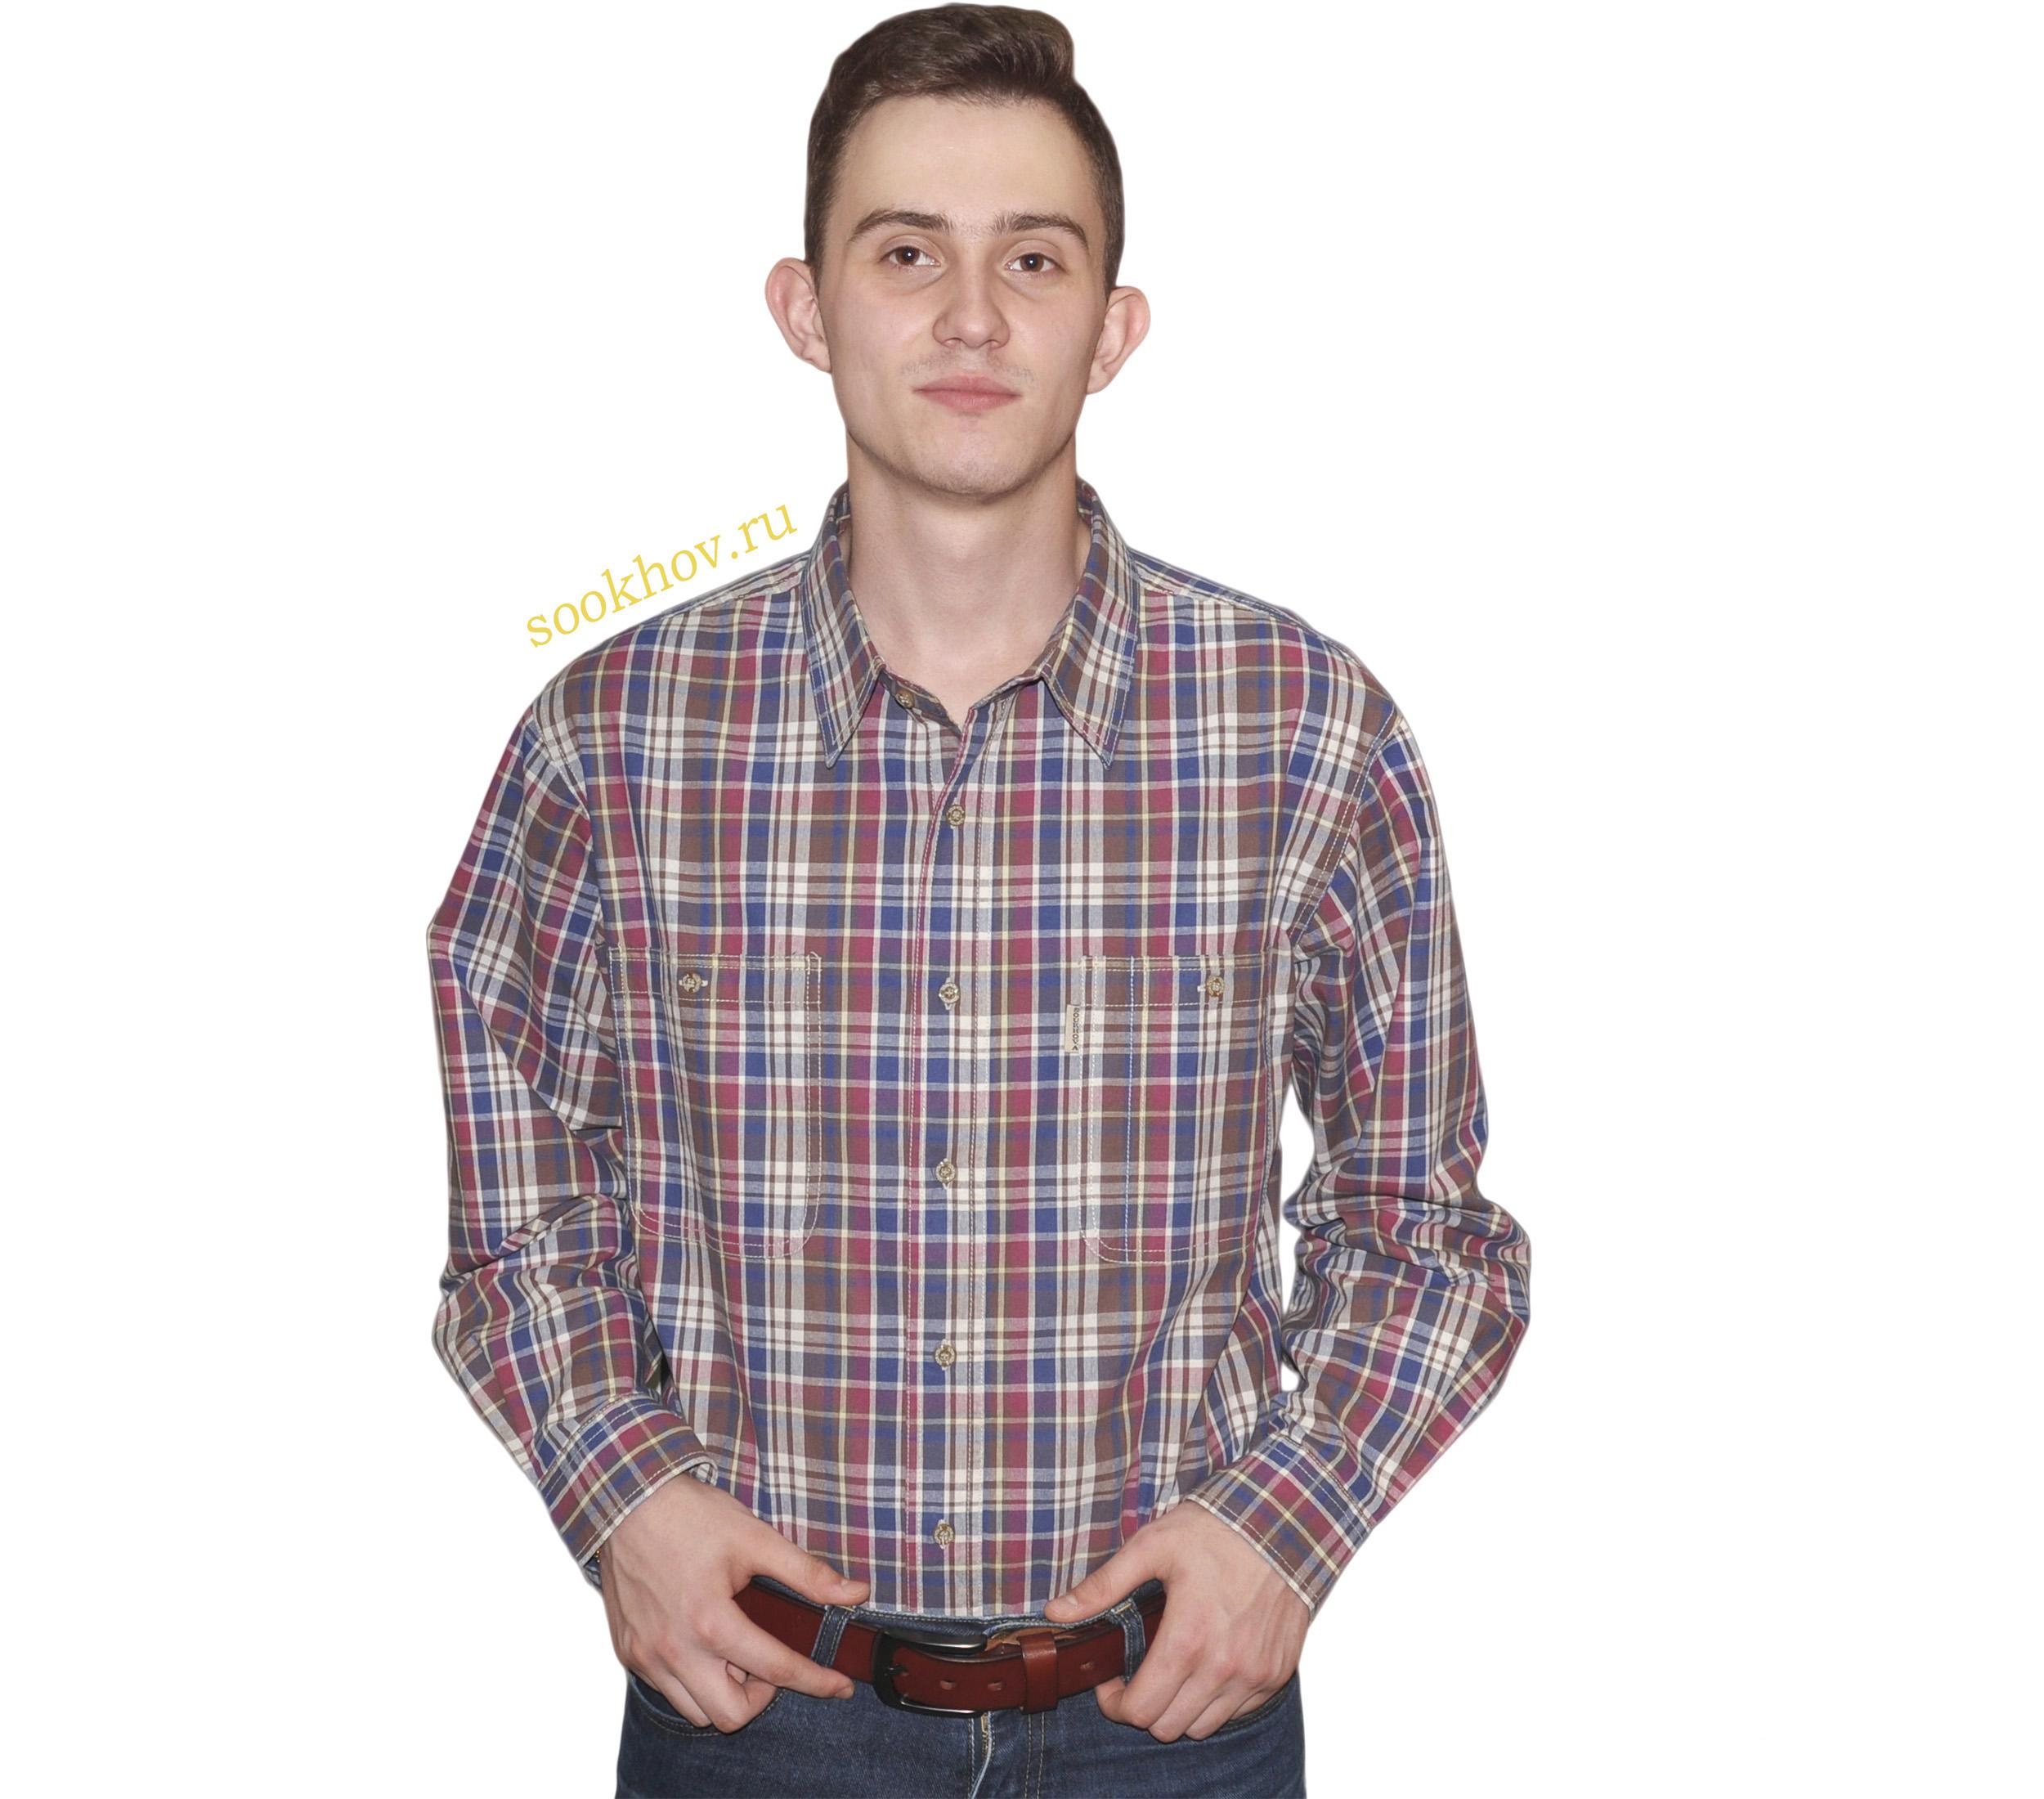 Рубашка с длинным рукавом клетка обладает множественными цветами синий, бордовый. желтый, серый, коричневый. Материал 16, 100% хлопок.